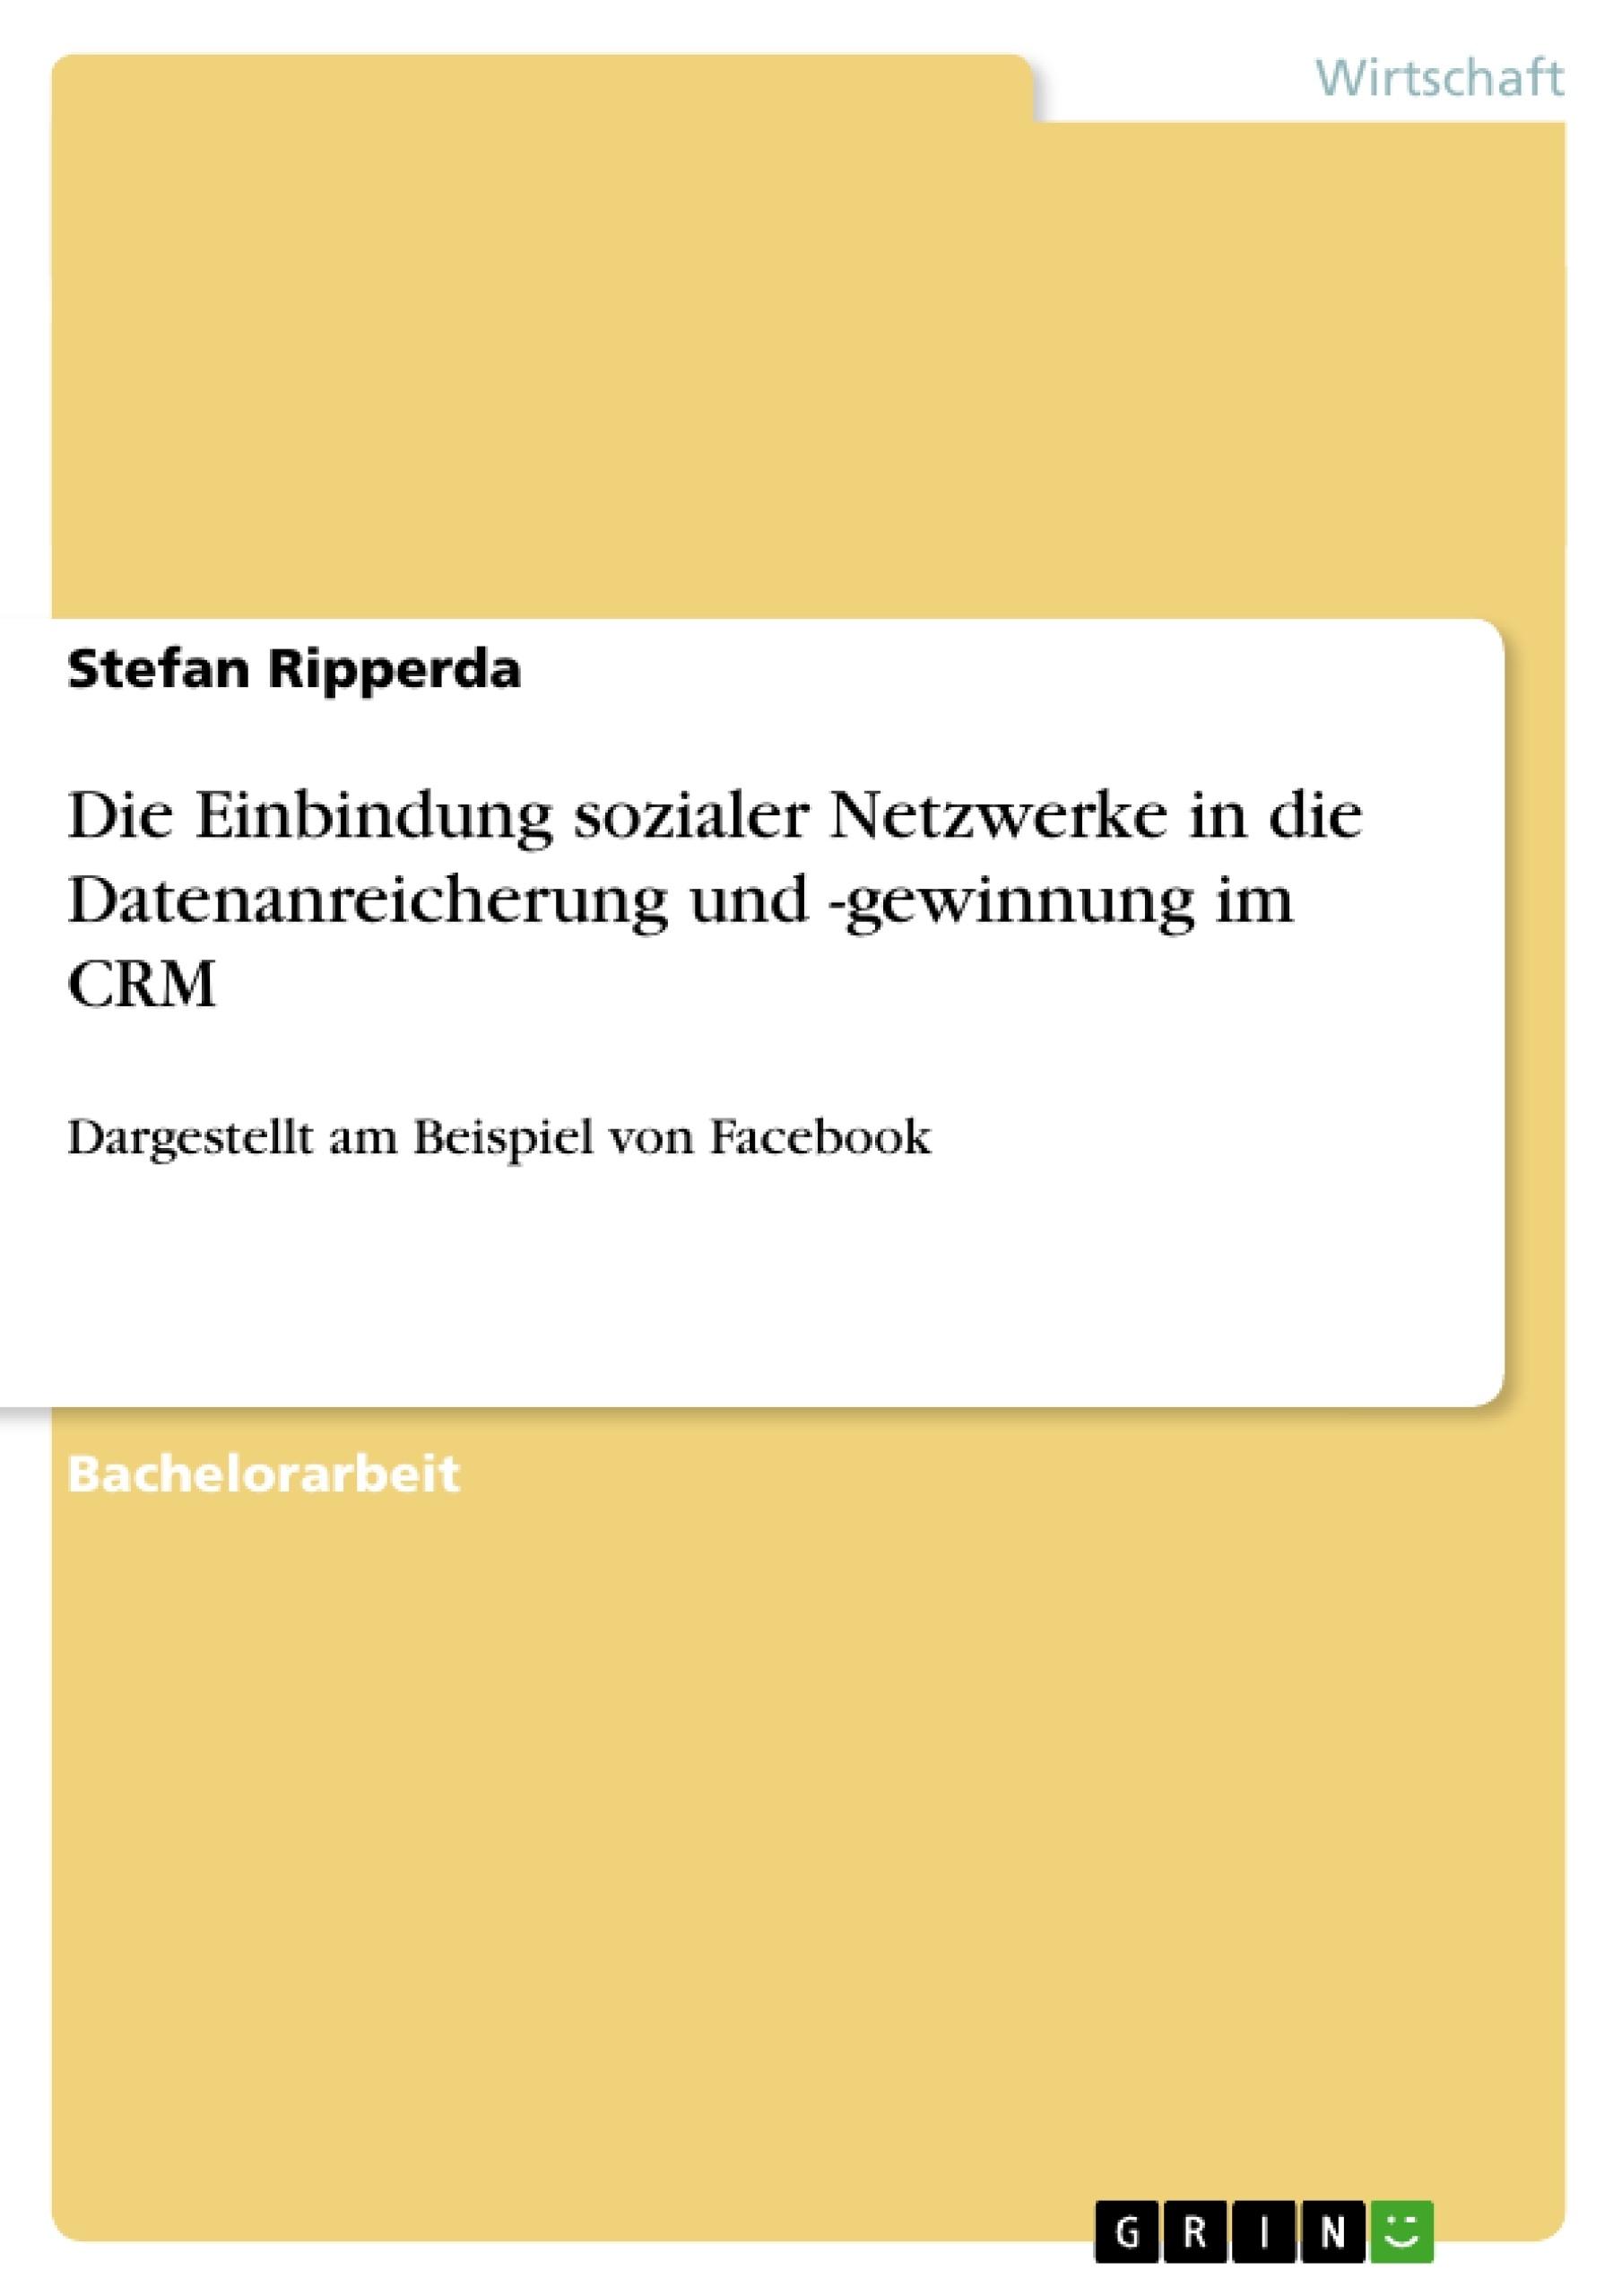 Titel: Die Einbindung sozialer Netzwerke in die Datenanreicherung und -gewinnung im CRM